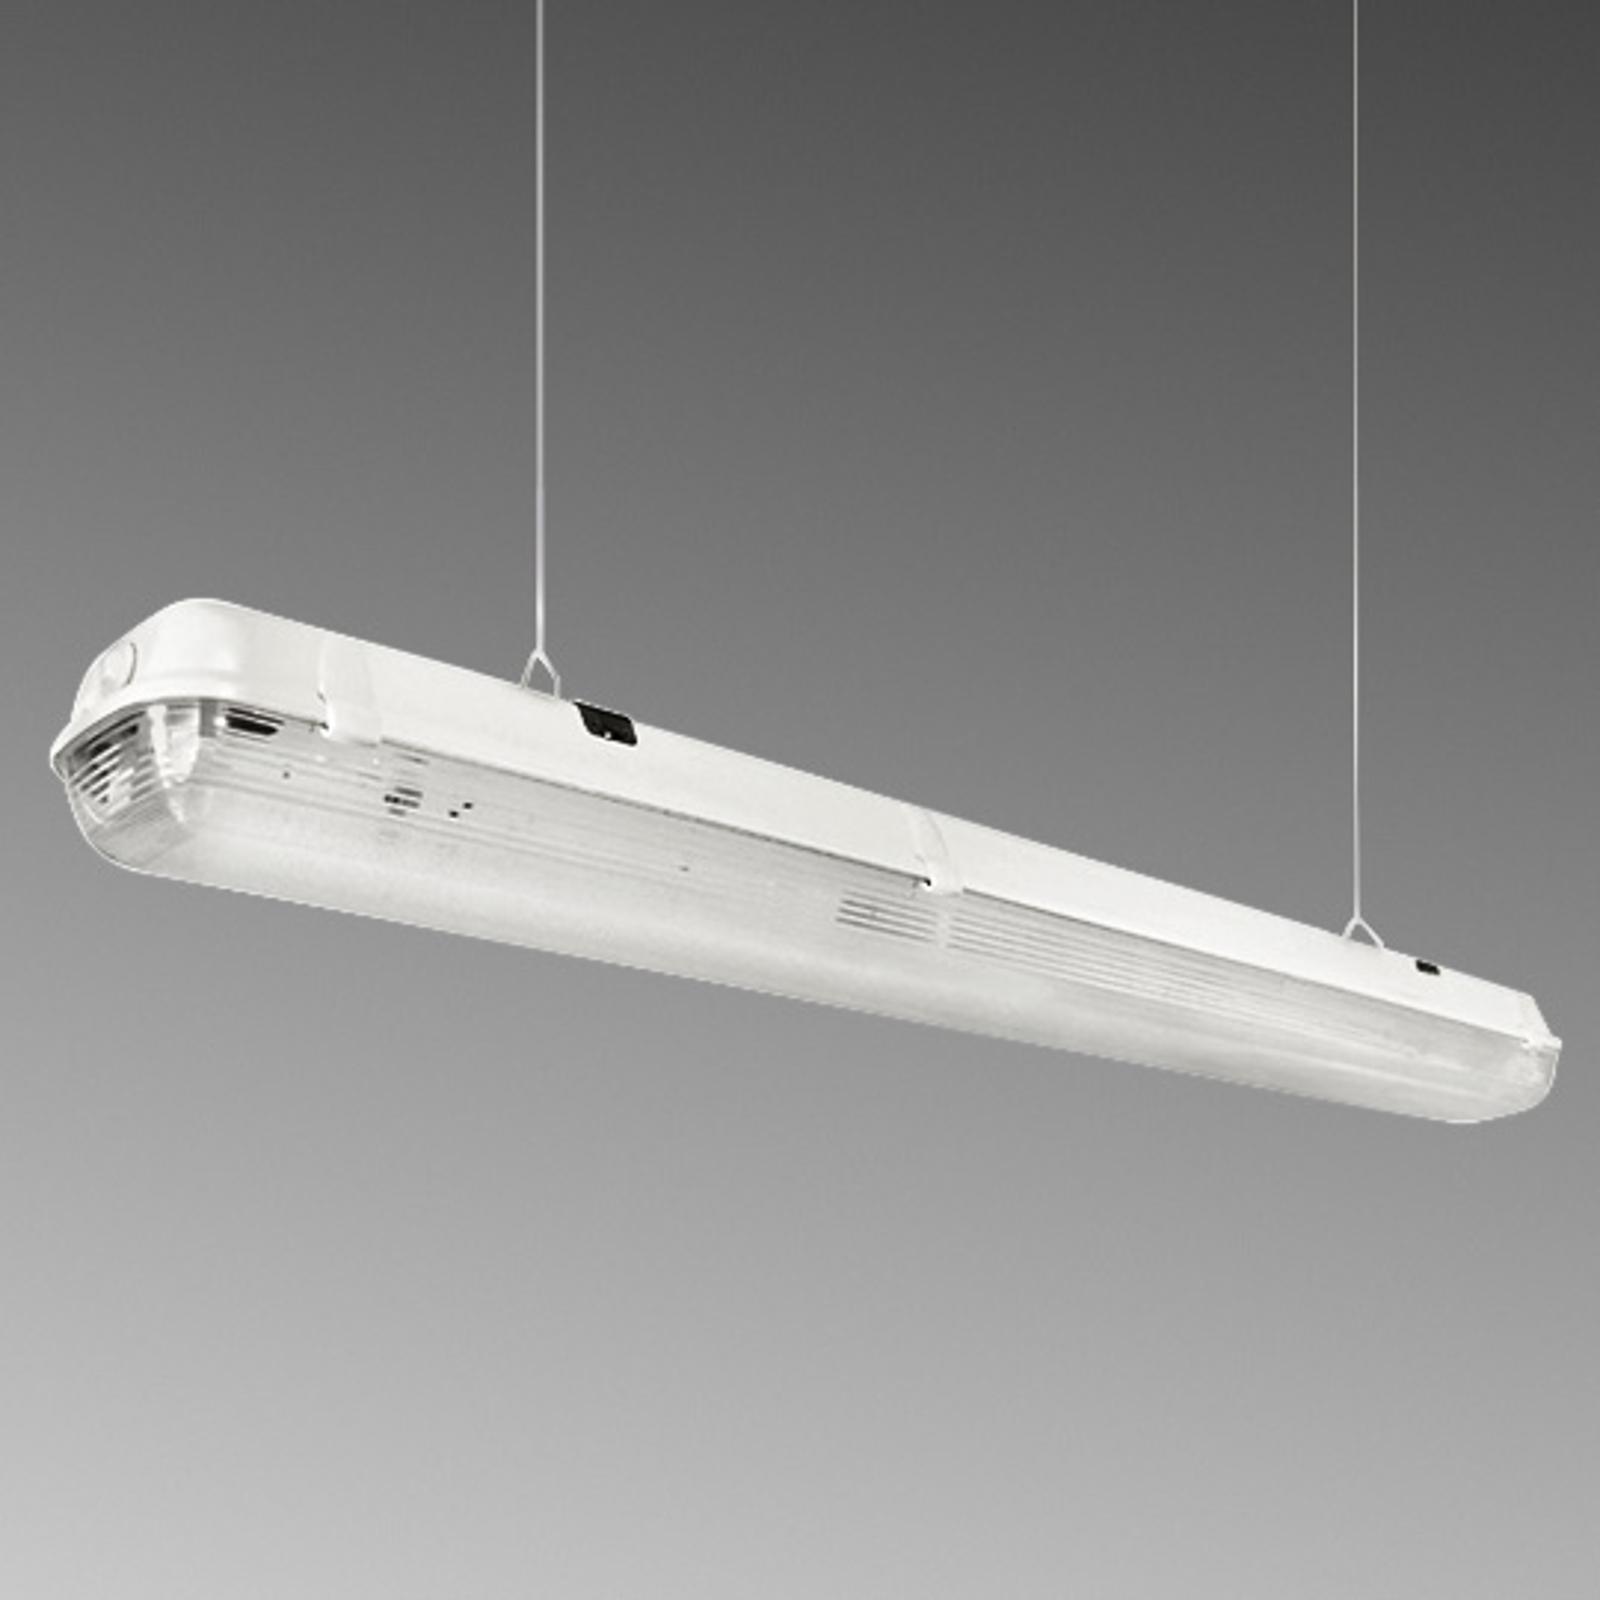 LED-Feuchtraum-Wannenleuchte für Industrie, 95 W